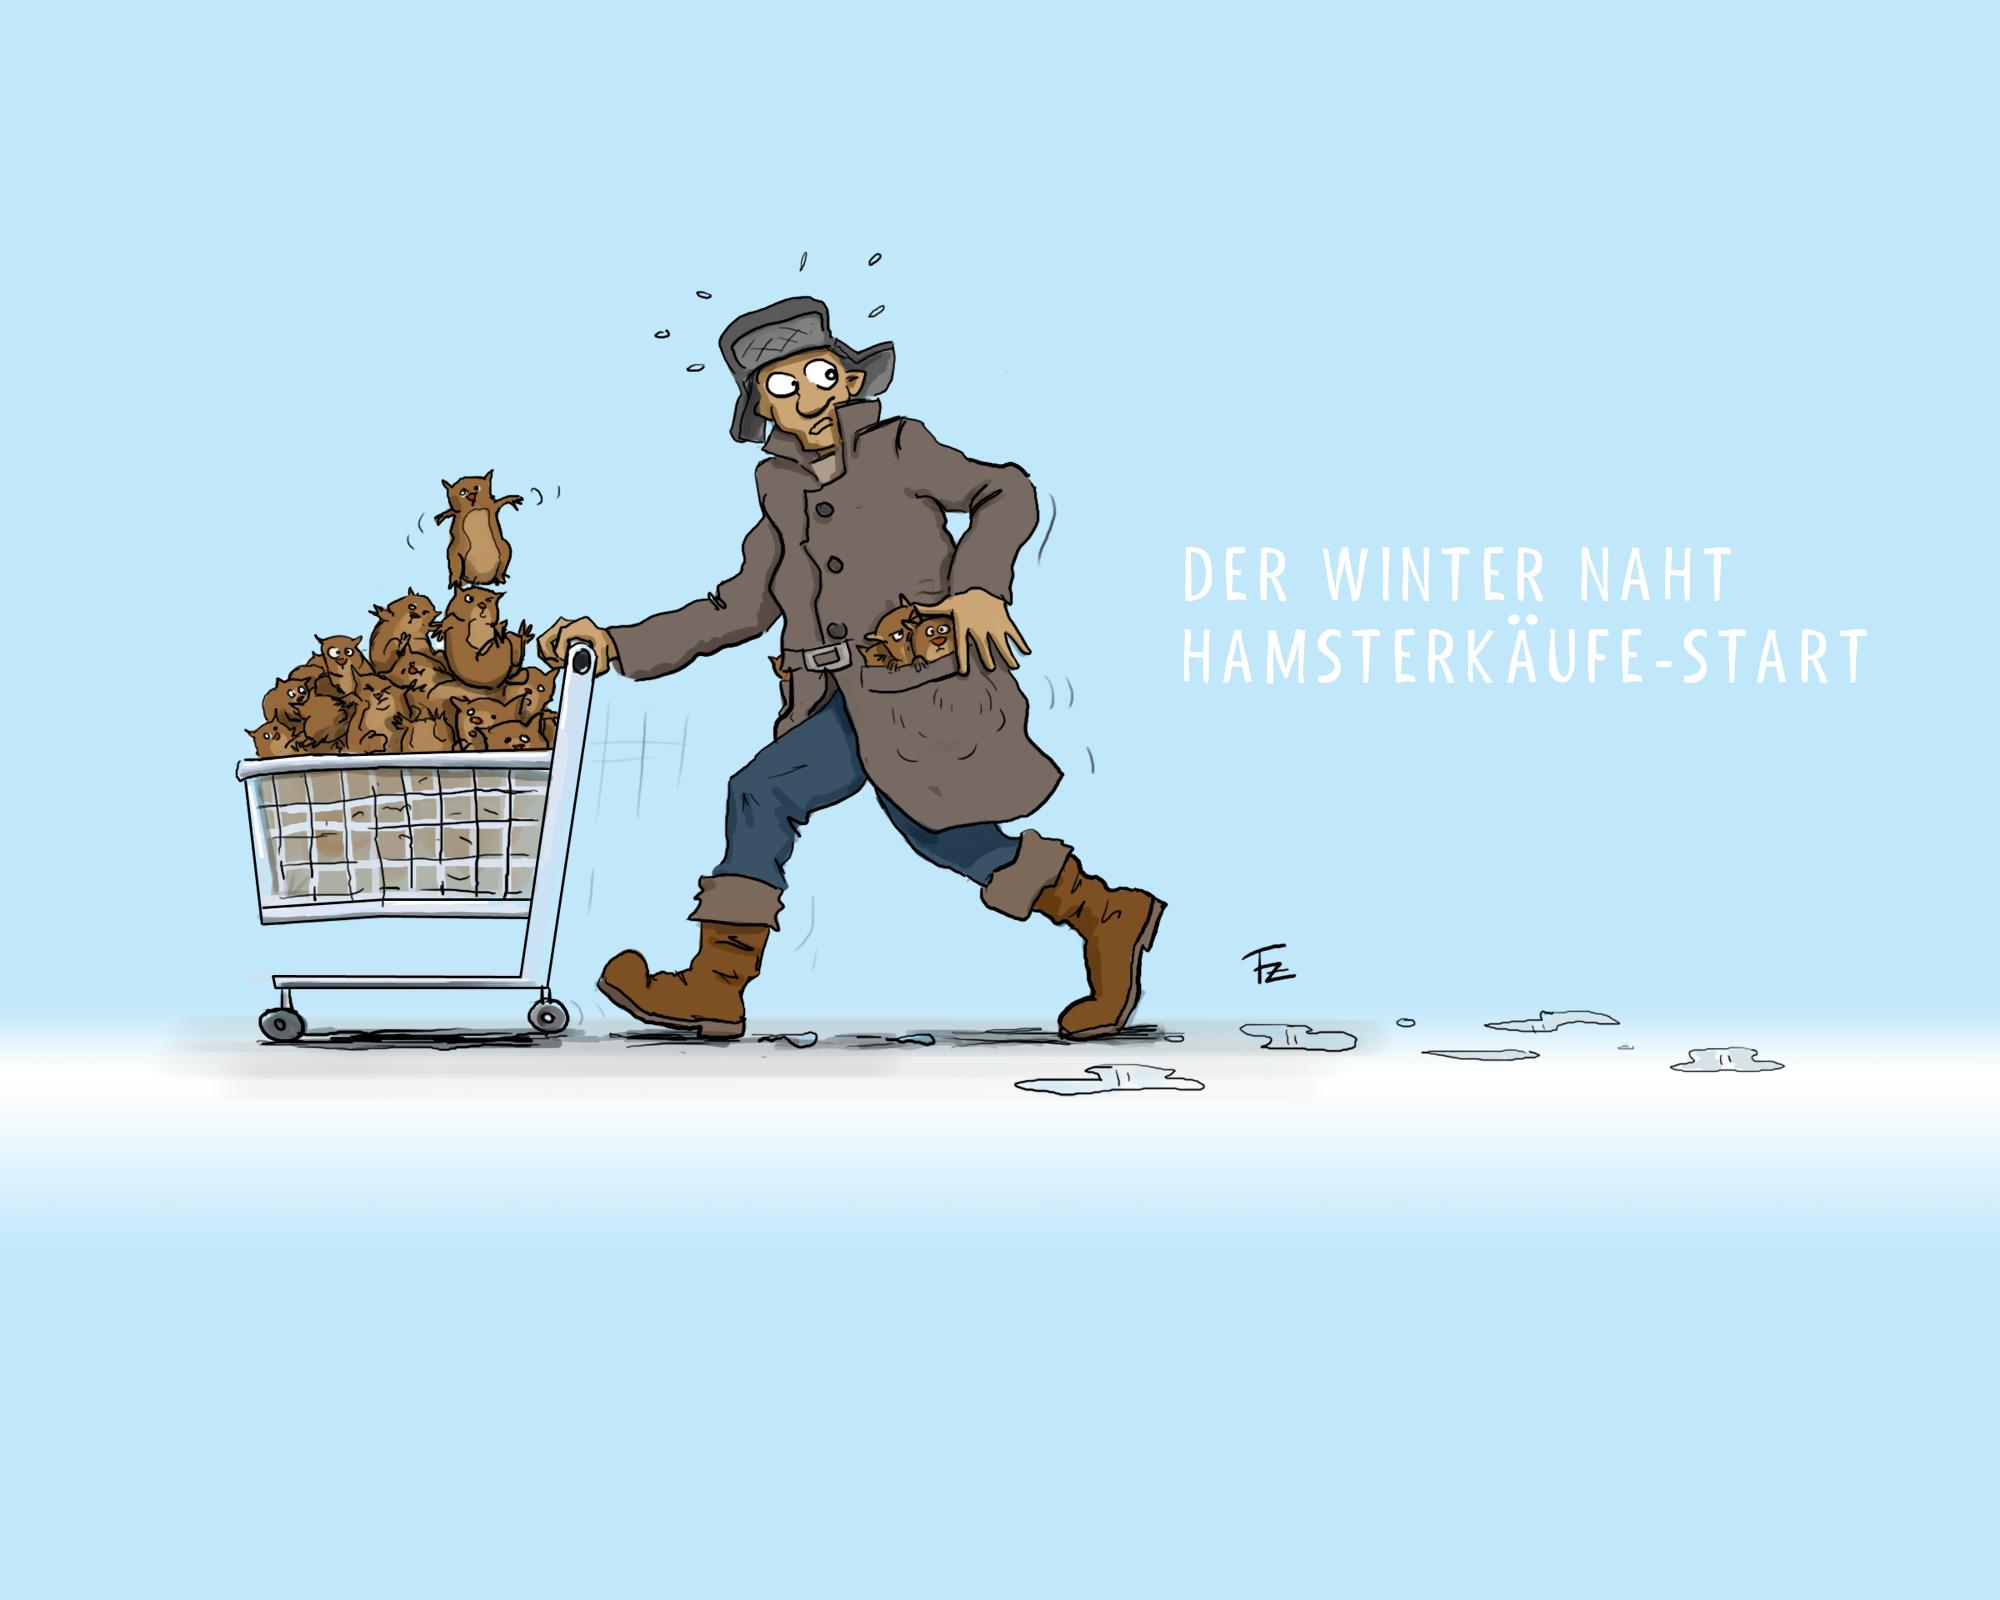 Hamsterkäufe_2